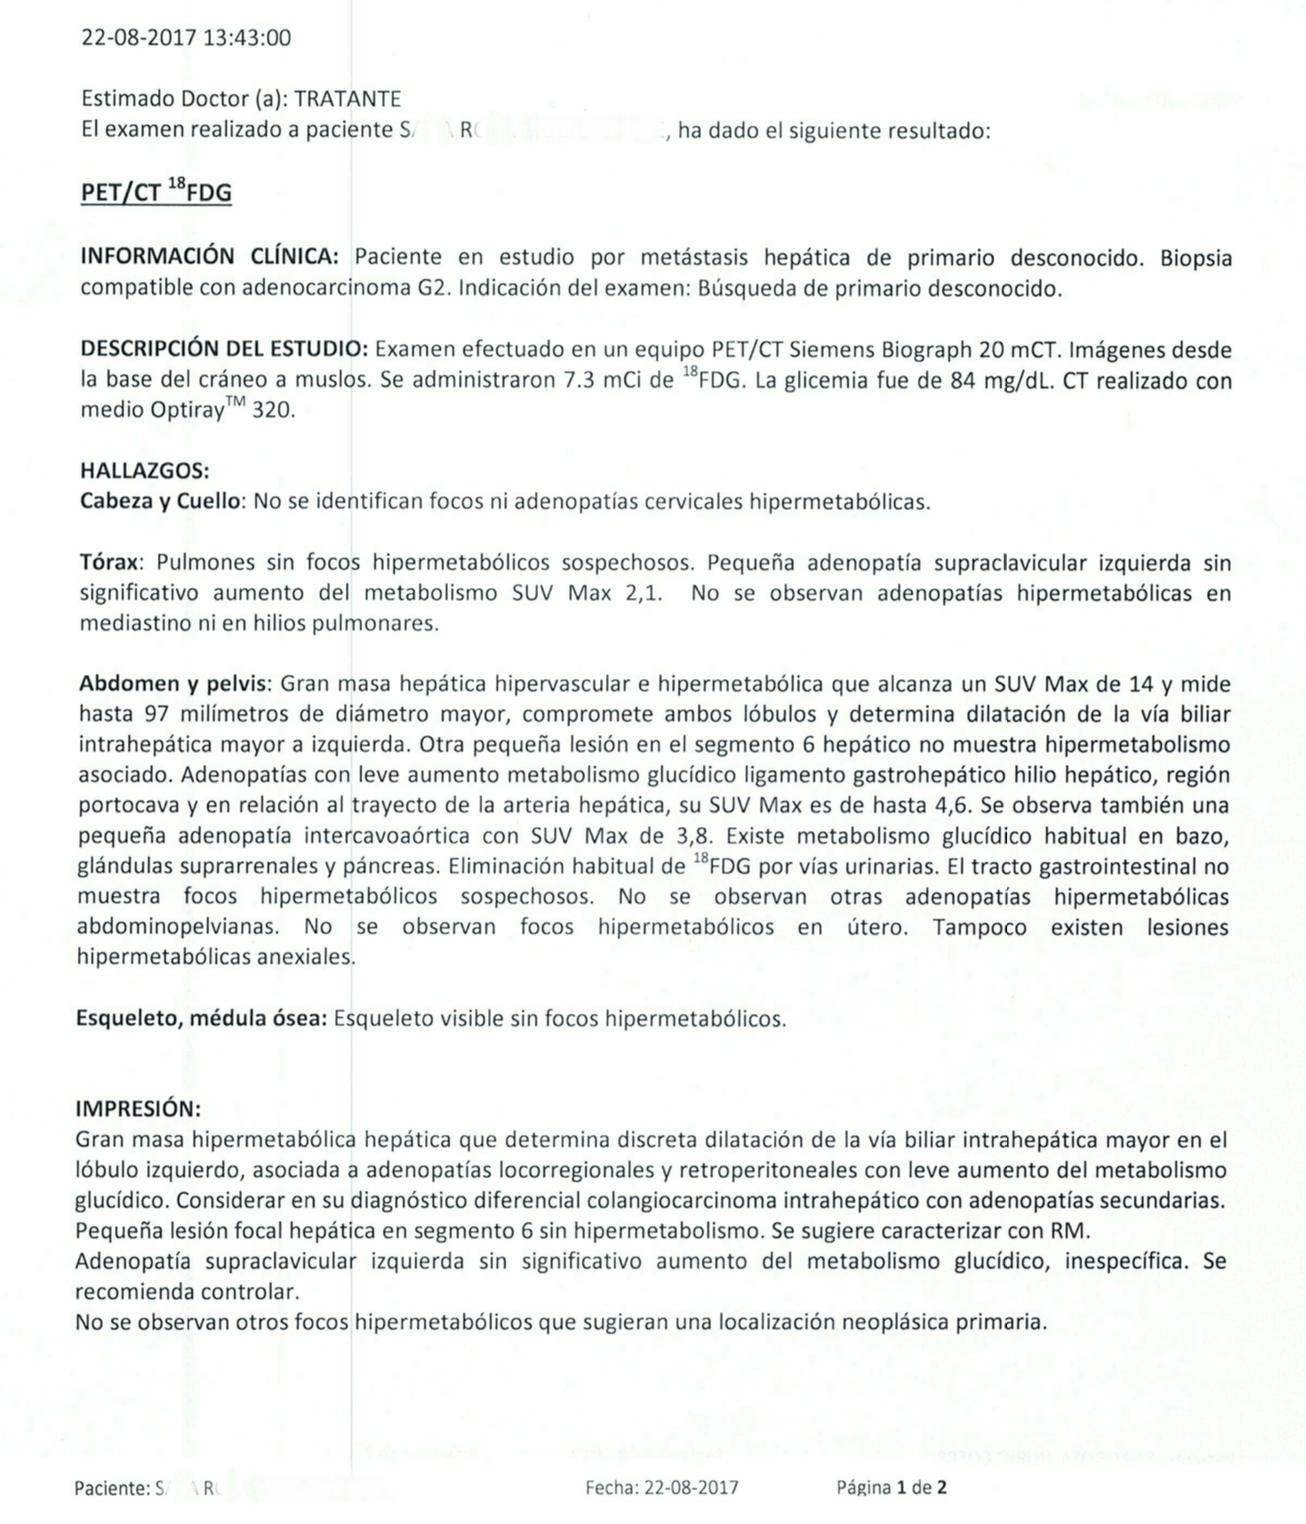 LifEscozul® - S.R. 3 - Cáncer de Hígado